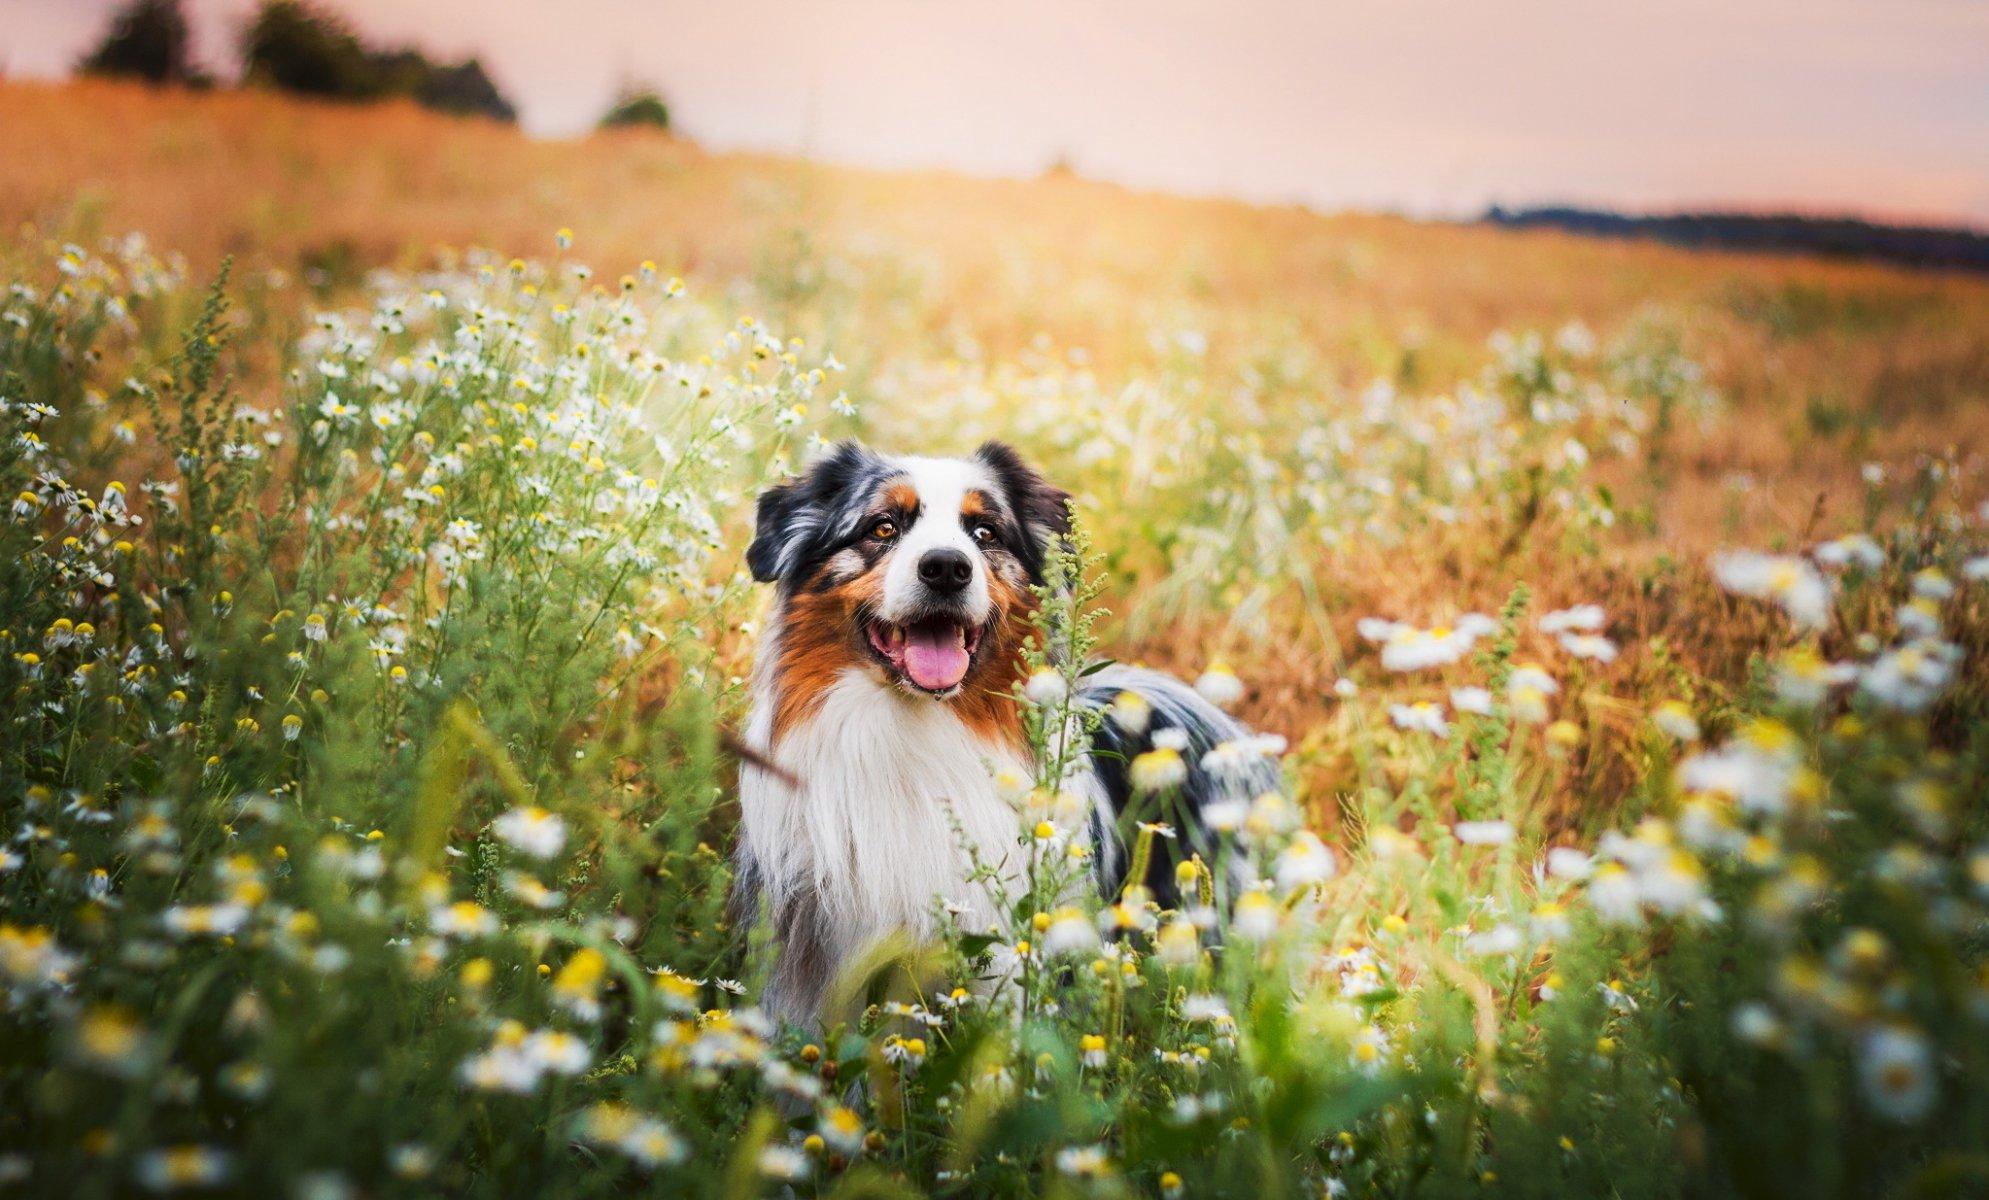 собачка трава лето  № 3650182 загрузить